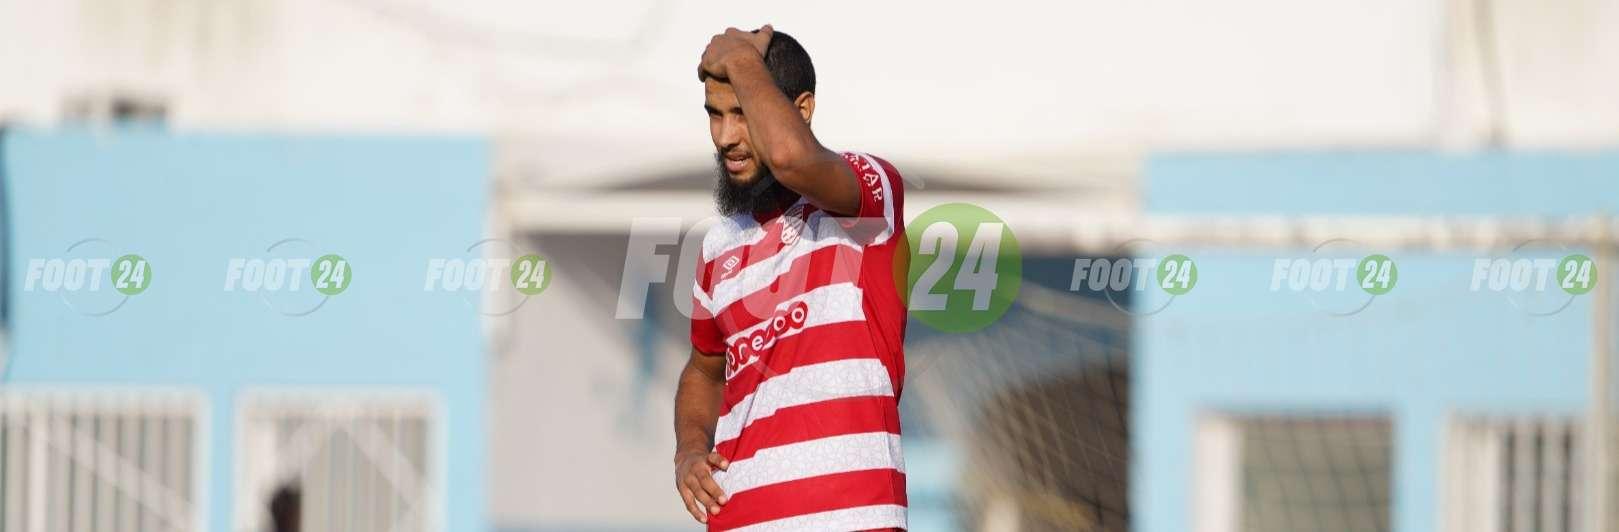 النادي الإفريقي: العمري يخضع إلى تدخل جراحي